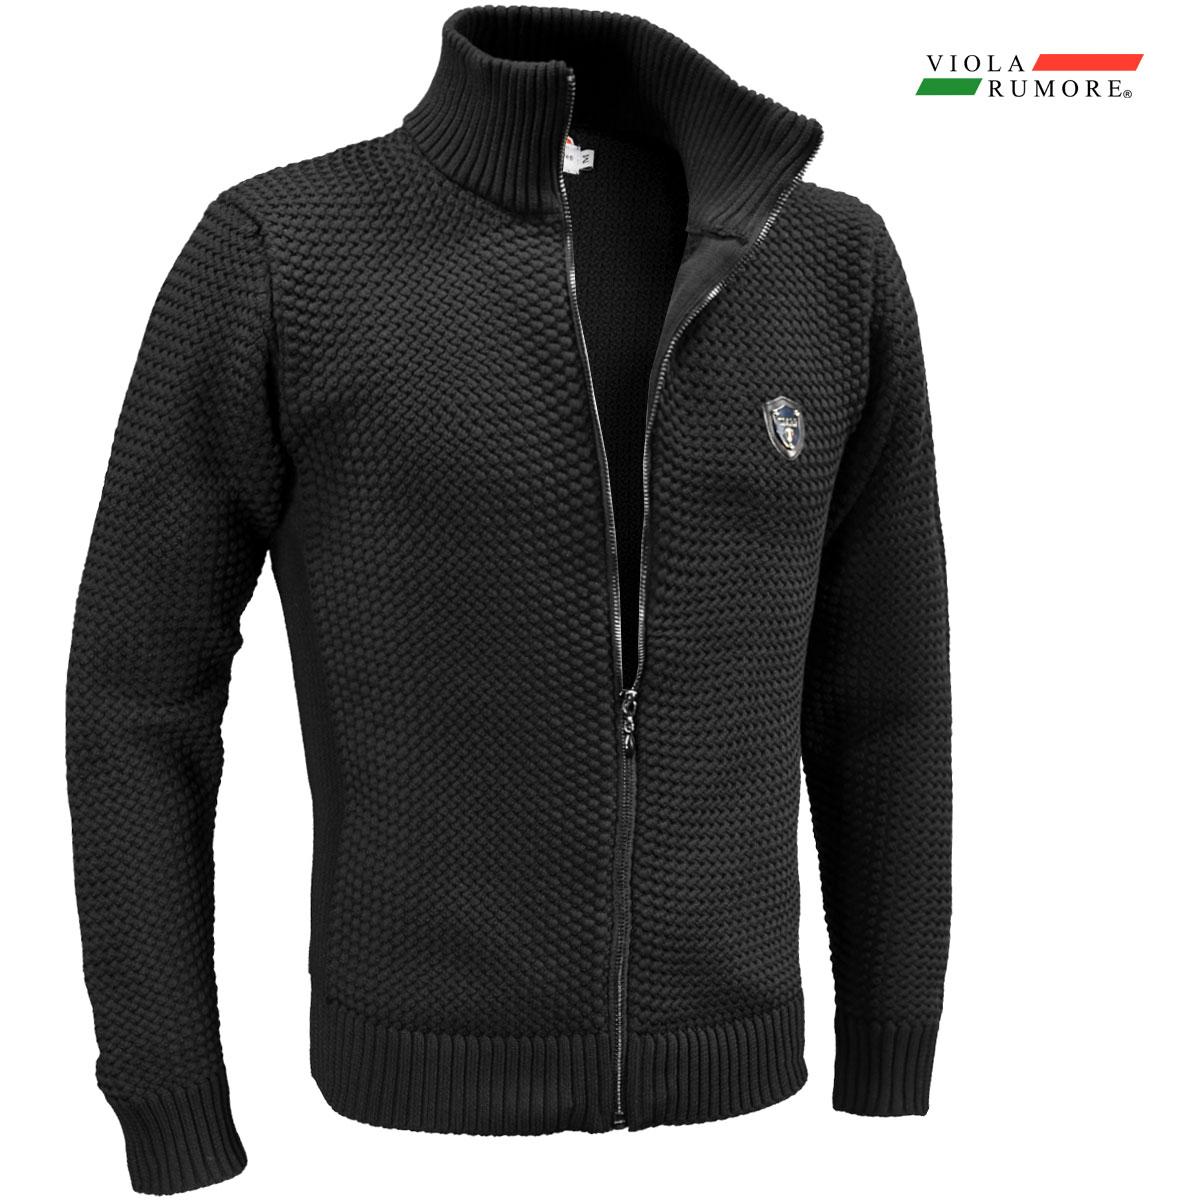 VIOLA rumore ヴィオラ ビオラ ニット フルジップアップ メンズ バスケット編み ニットジャケット 5ゲージ mens(ブラック黒) 01136